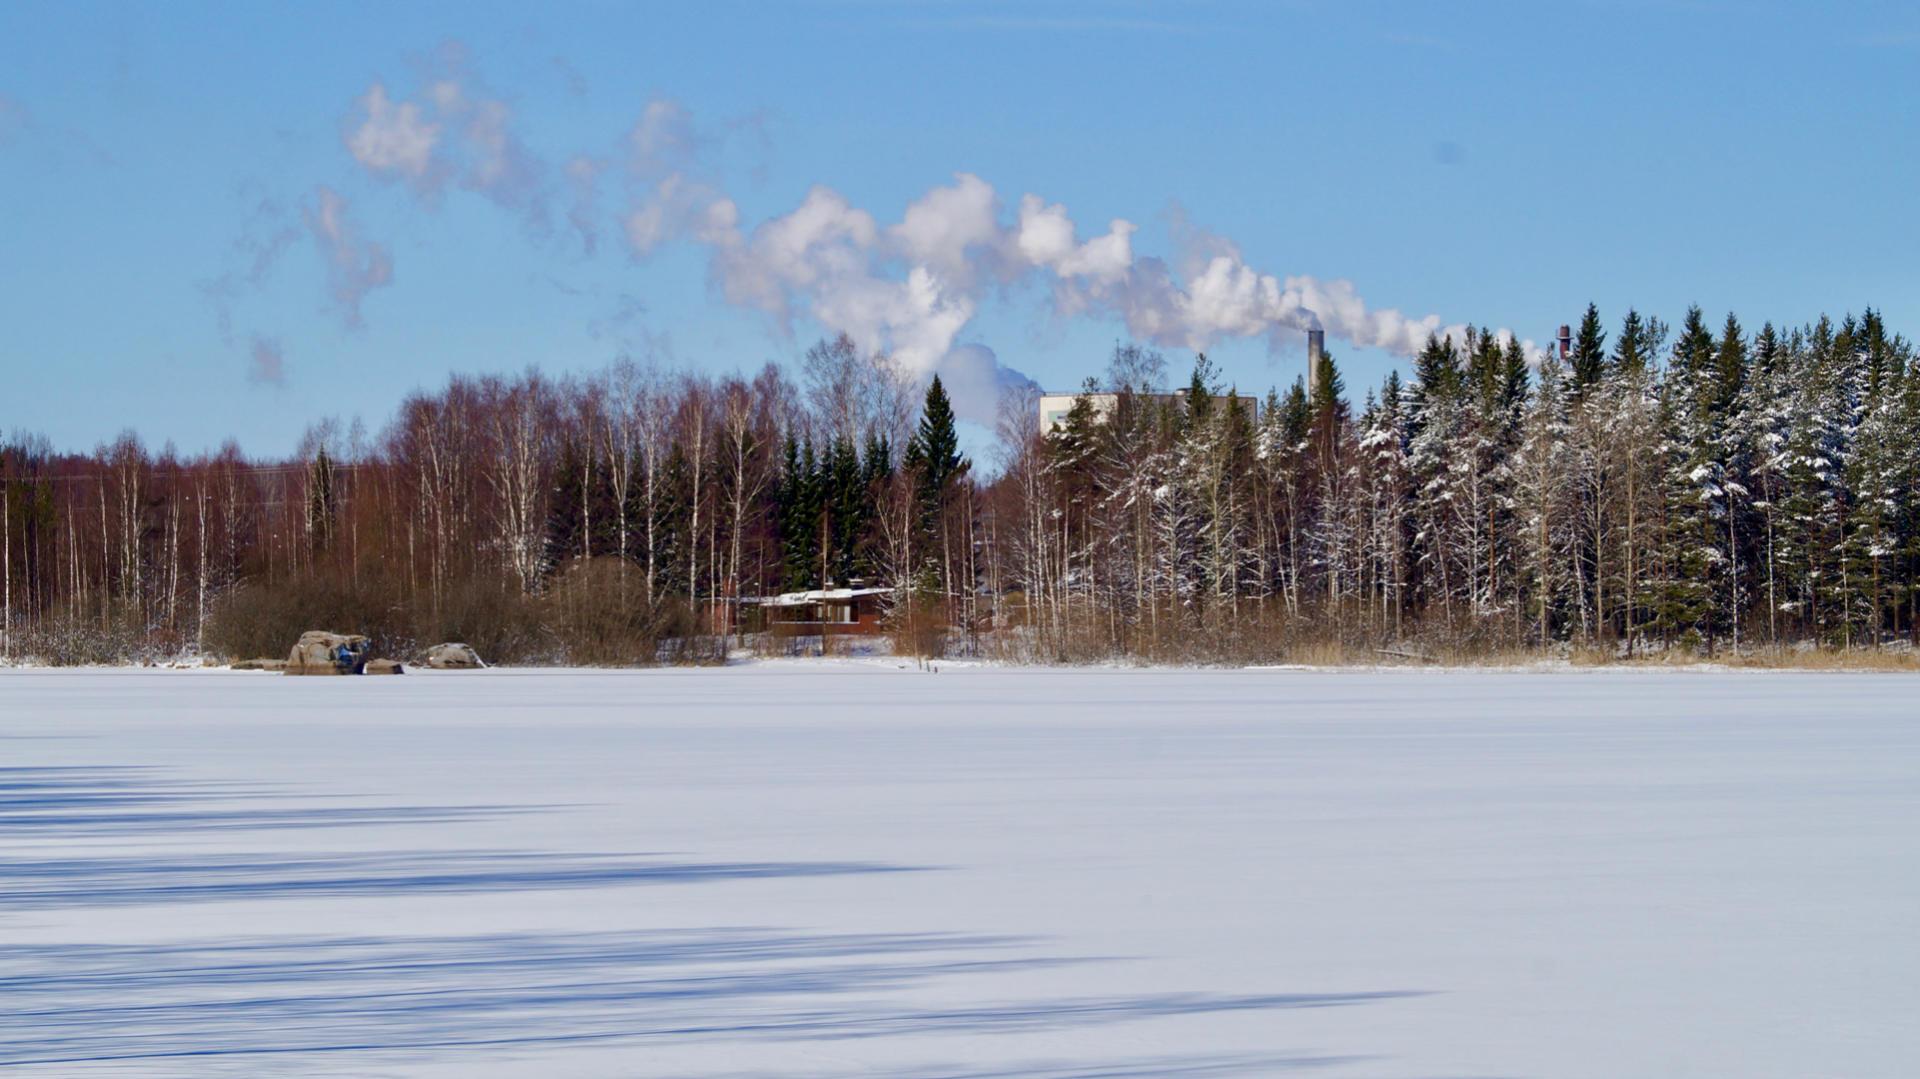 Завод концерна Metsä Group в Ээнекоски – один из крупнейших инвестиционных проектов в истории Фтнляндии. Фотография: ScandiNews